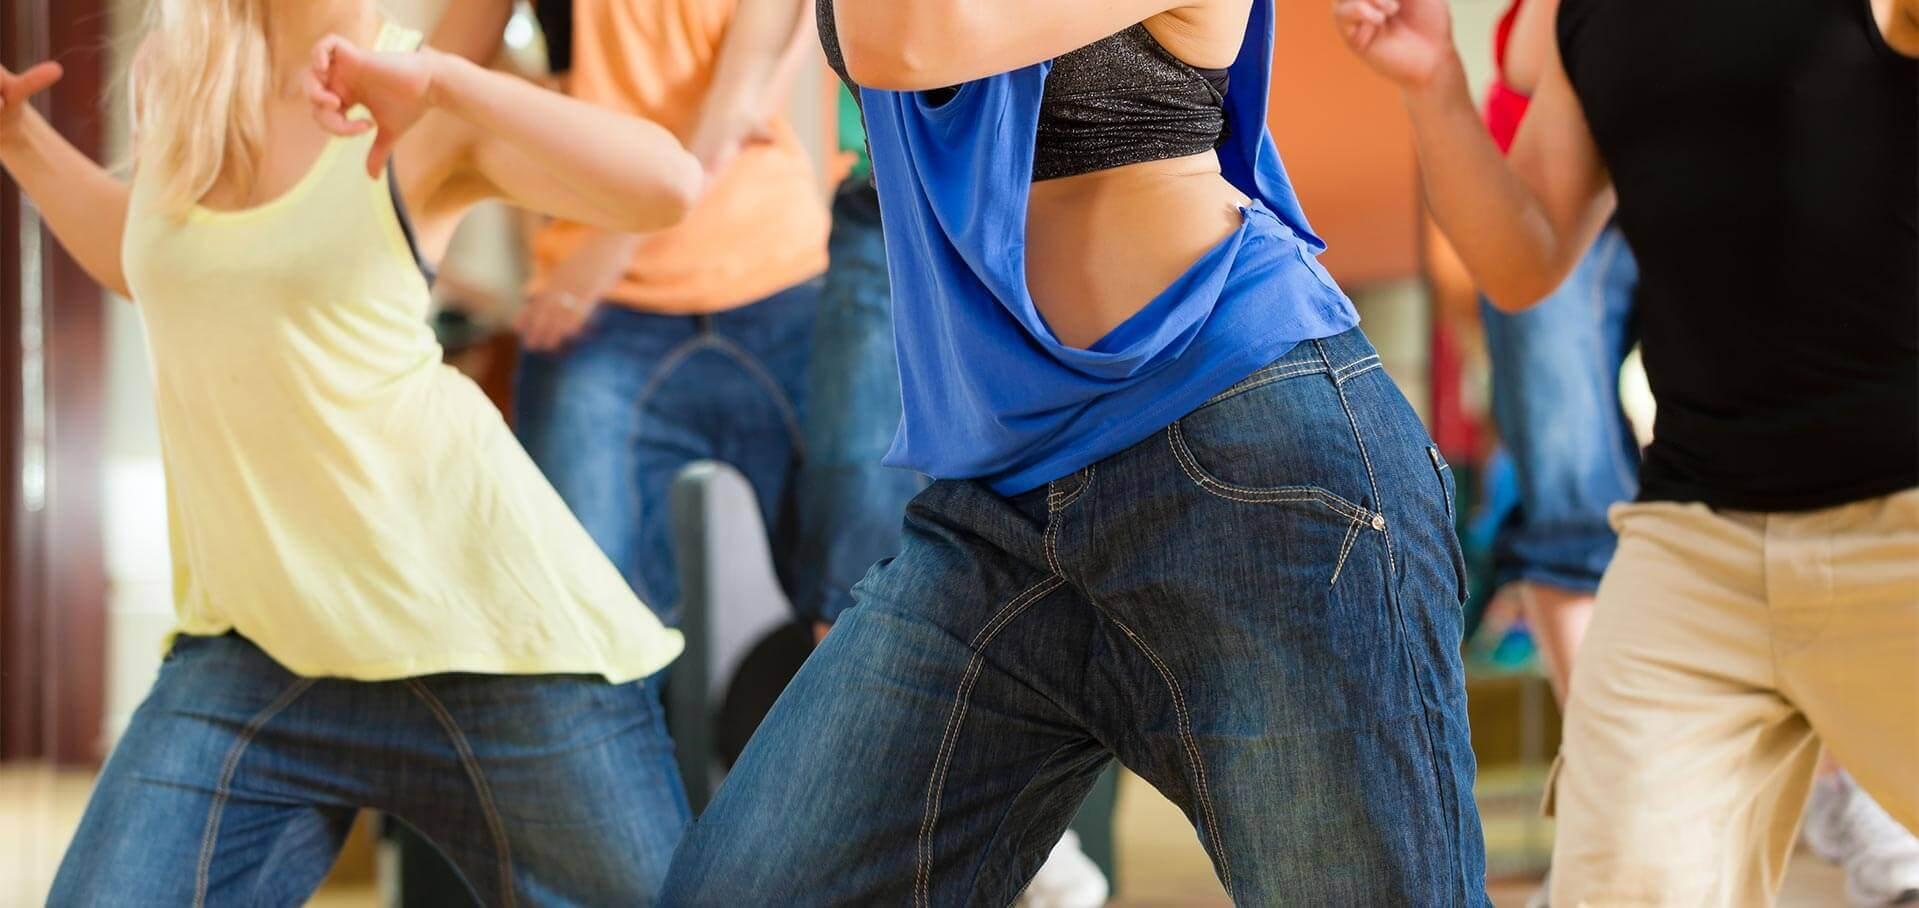 Tanzschule Nicoletti